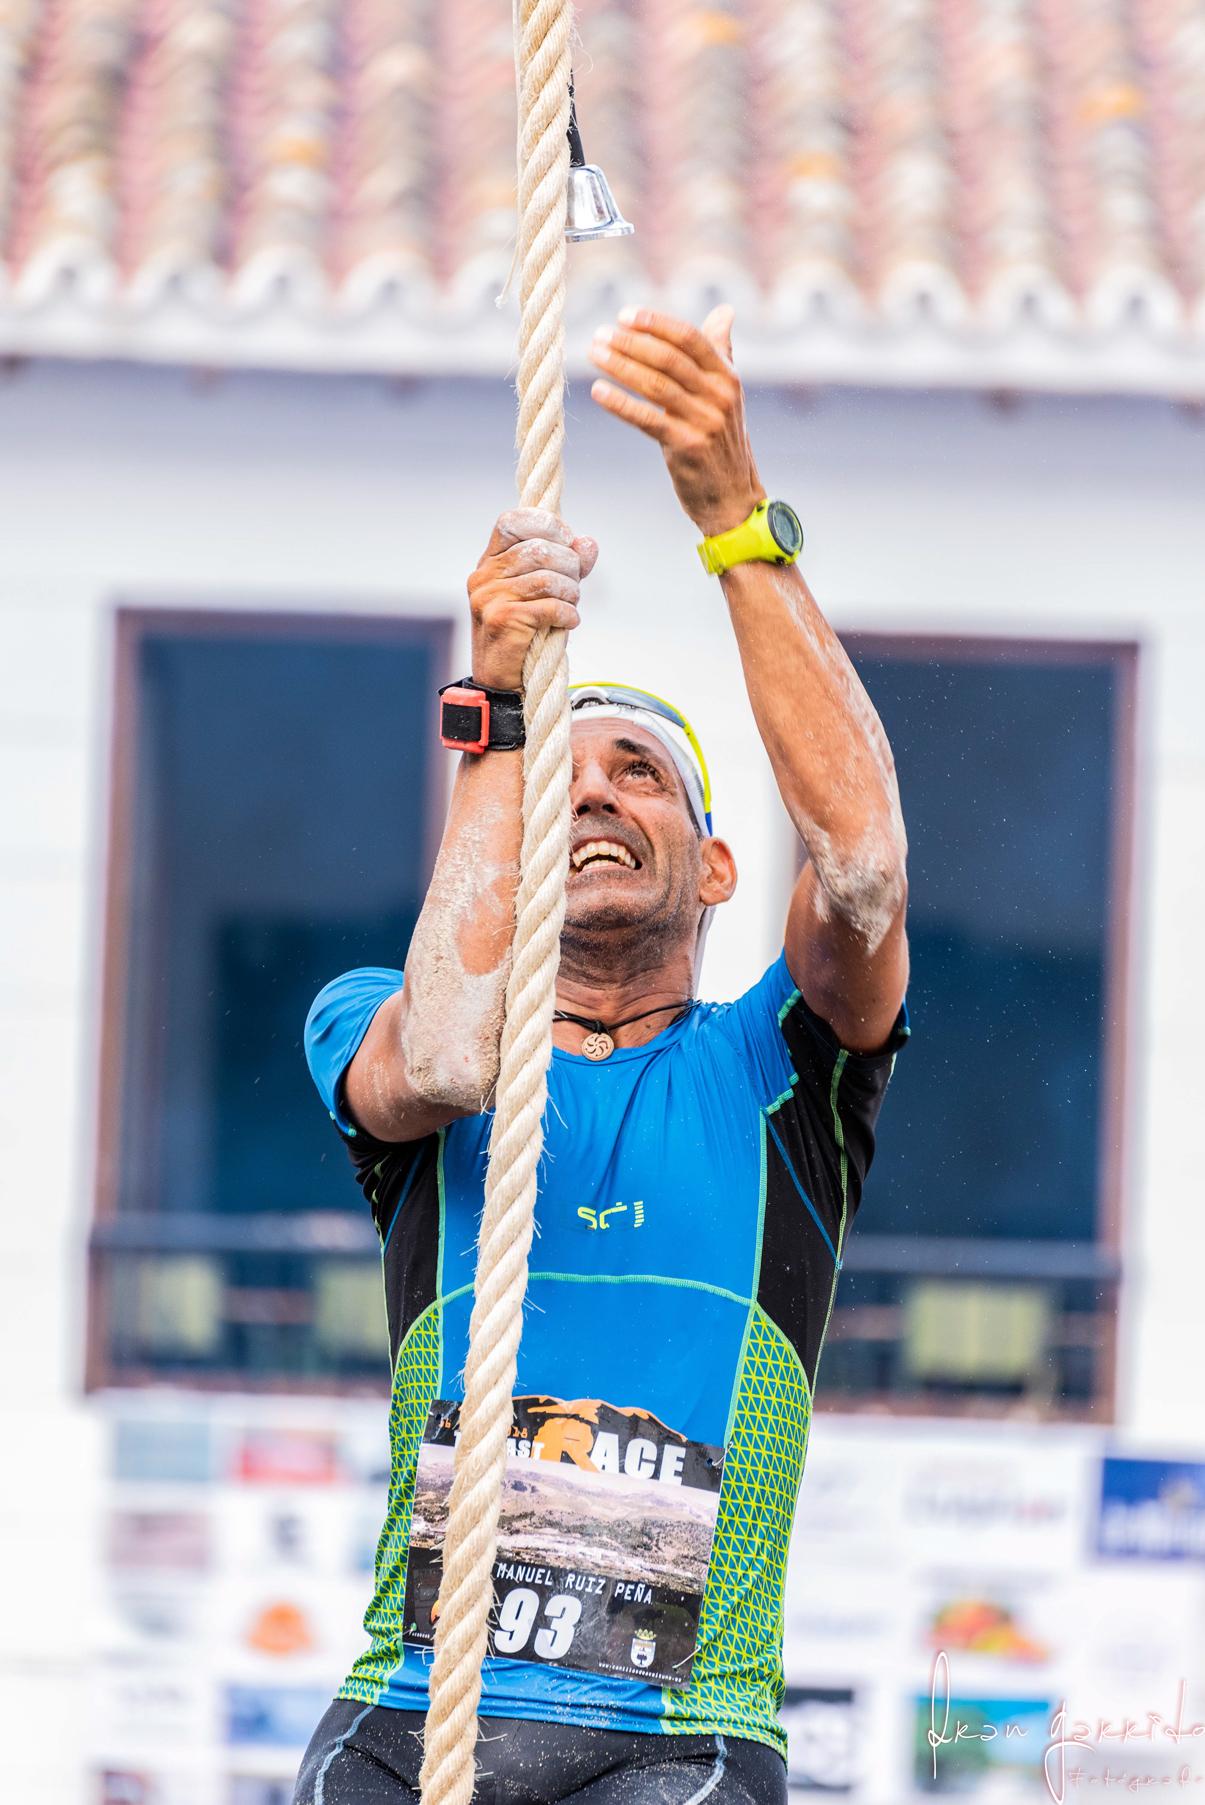 III Last Race Canillas de Aceituno 2018